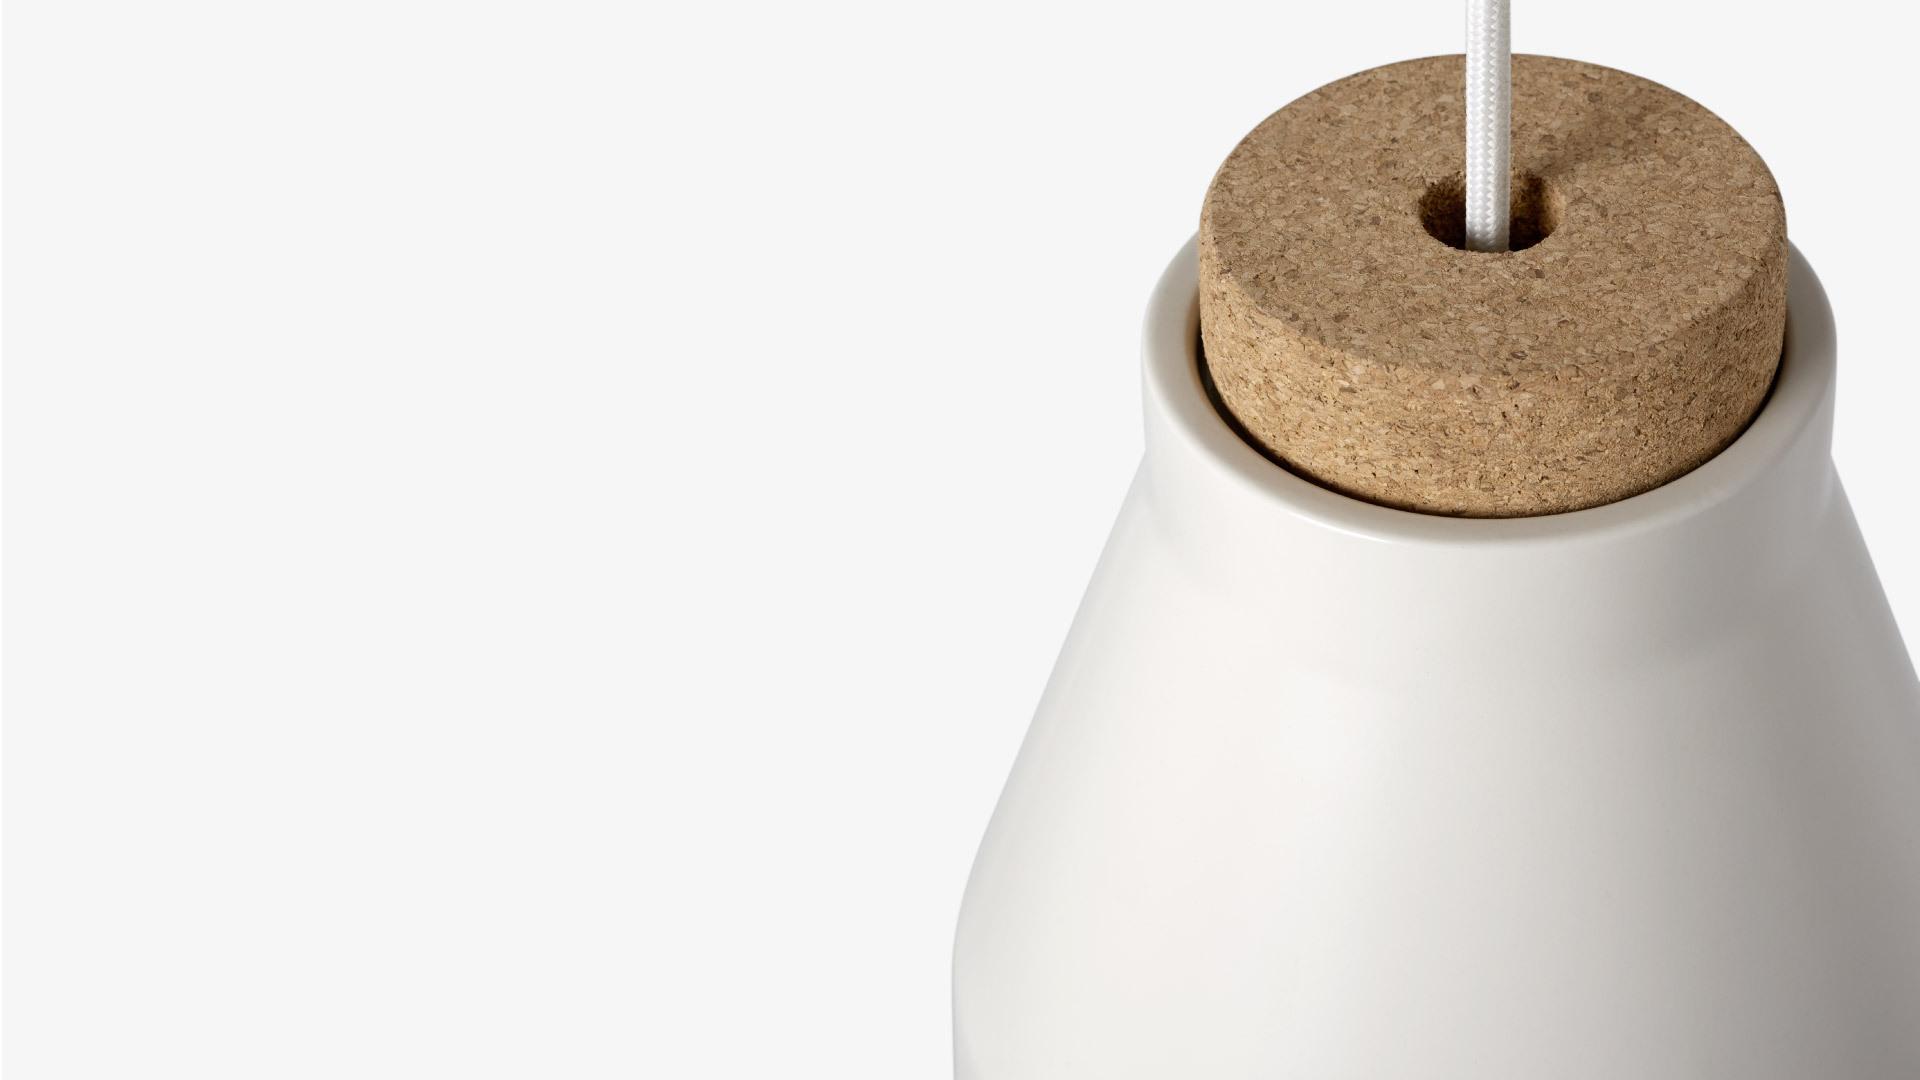 陶罐古风VS现代软木<br/>冷暖相融,百搭任意空间